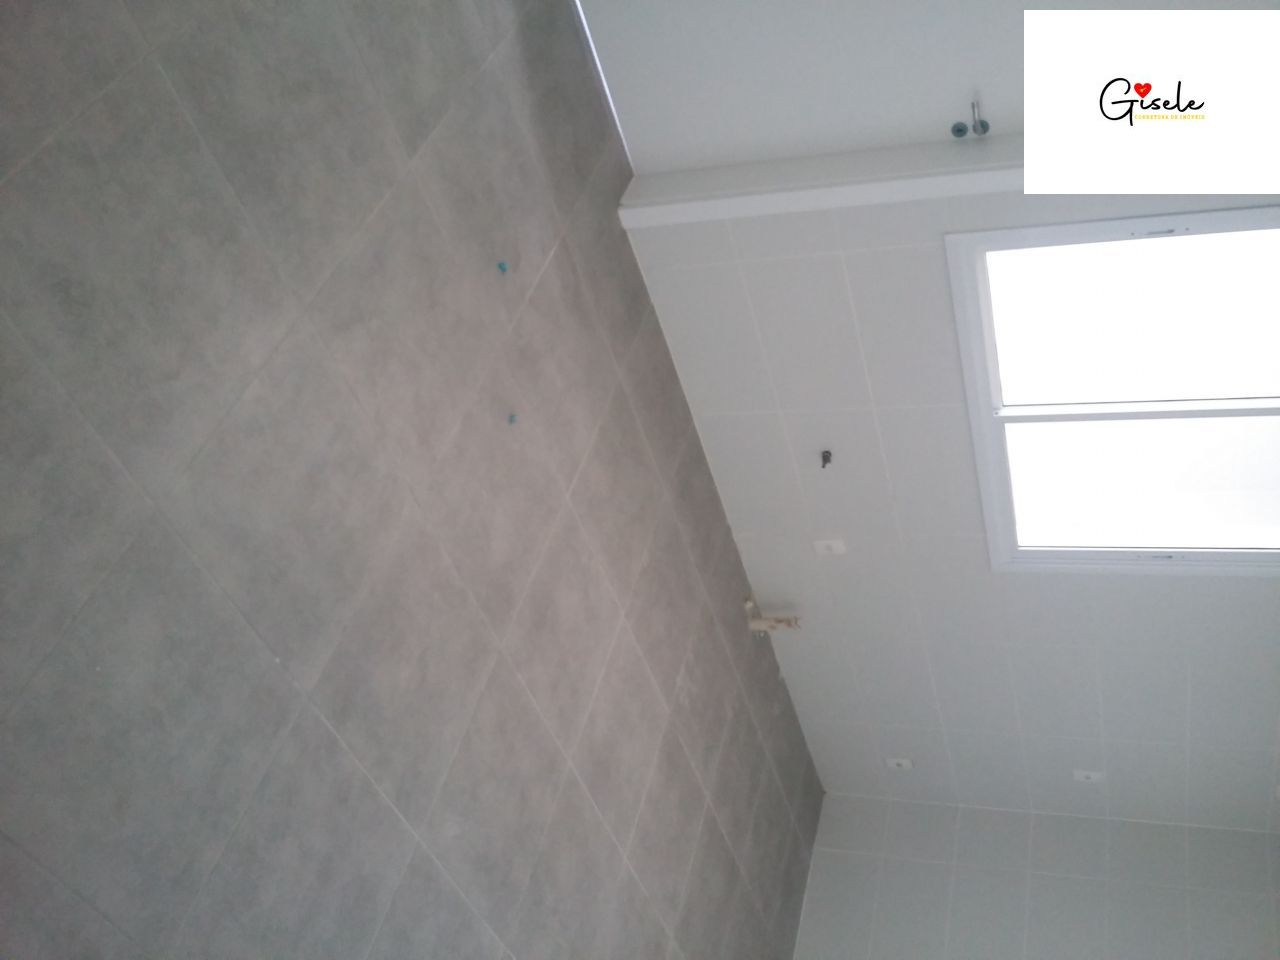 Apartamento com 3 Dormitórios à venda, 167 m² por R$ 760.000,00